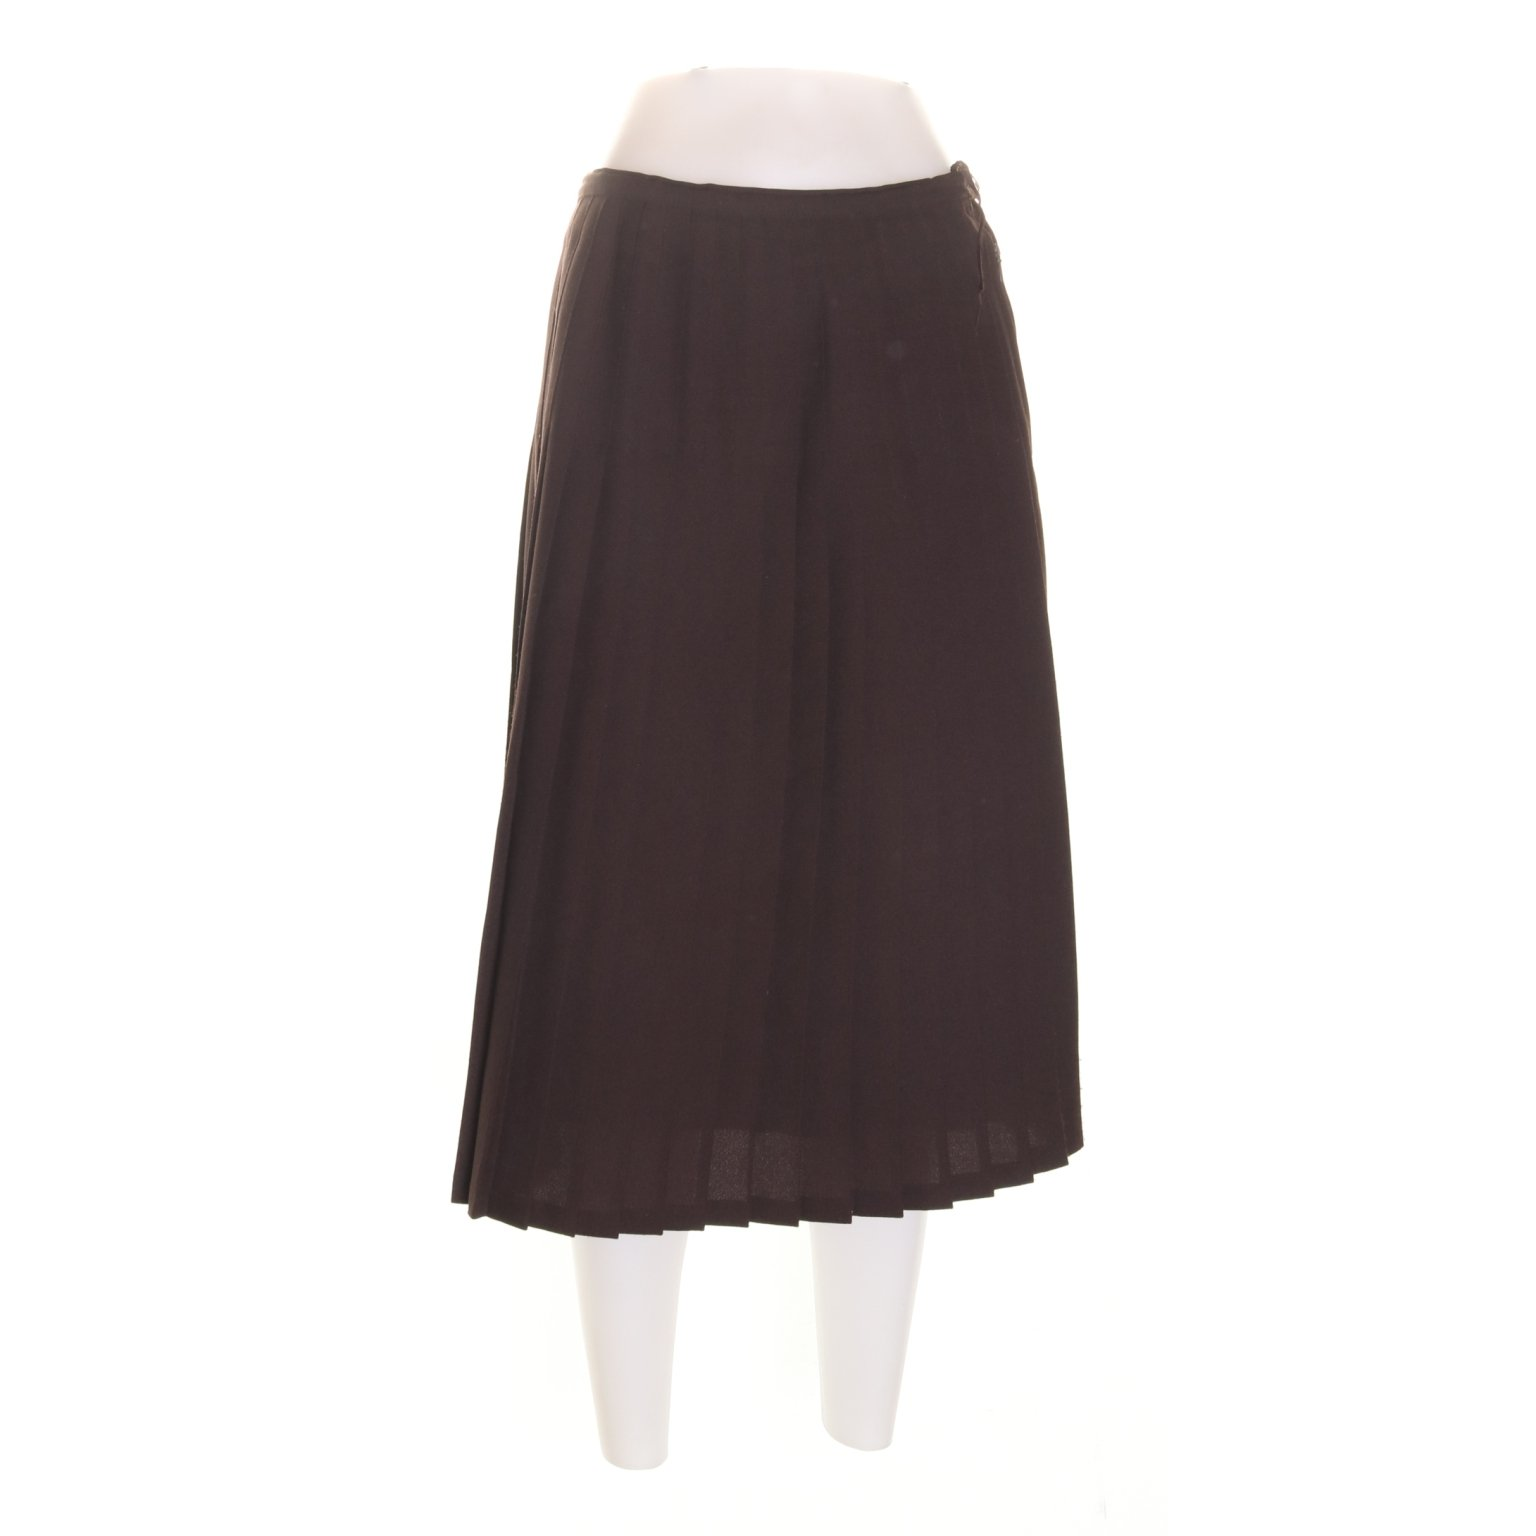 42b34f2f1045 Plisserad kjol, Strl: 42, Brun, Polyester (349870832) ᐈ Sellpy på ...